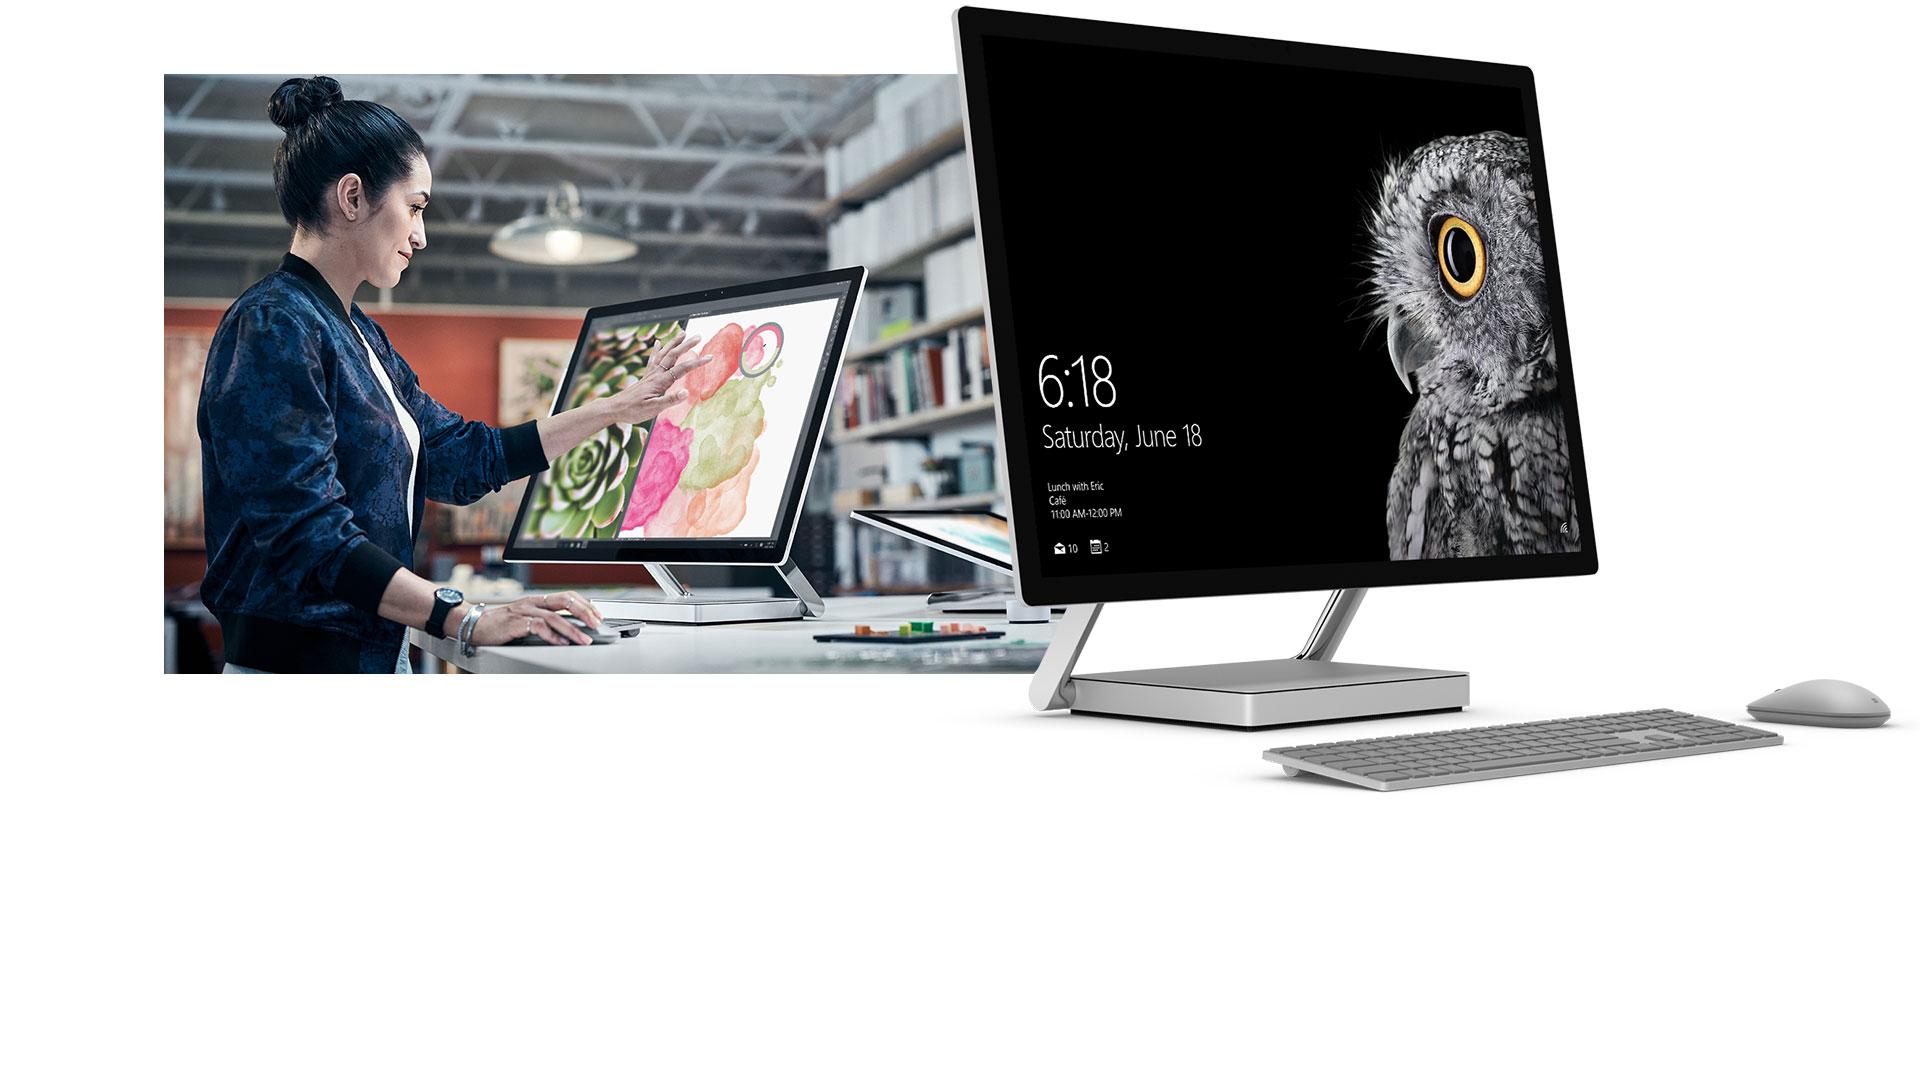 Nainen koskettamassa Surface Studion näyttöä työpöytätilassa, vieressä Surface Studio -tuote